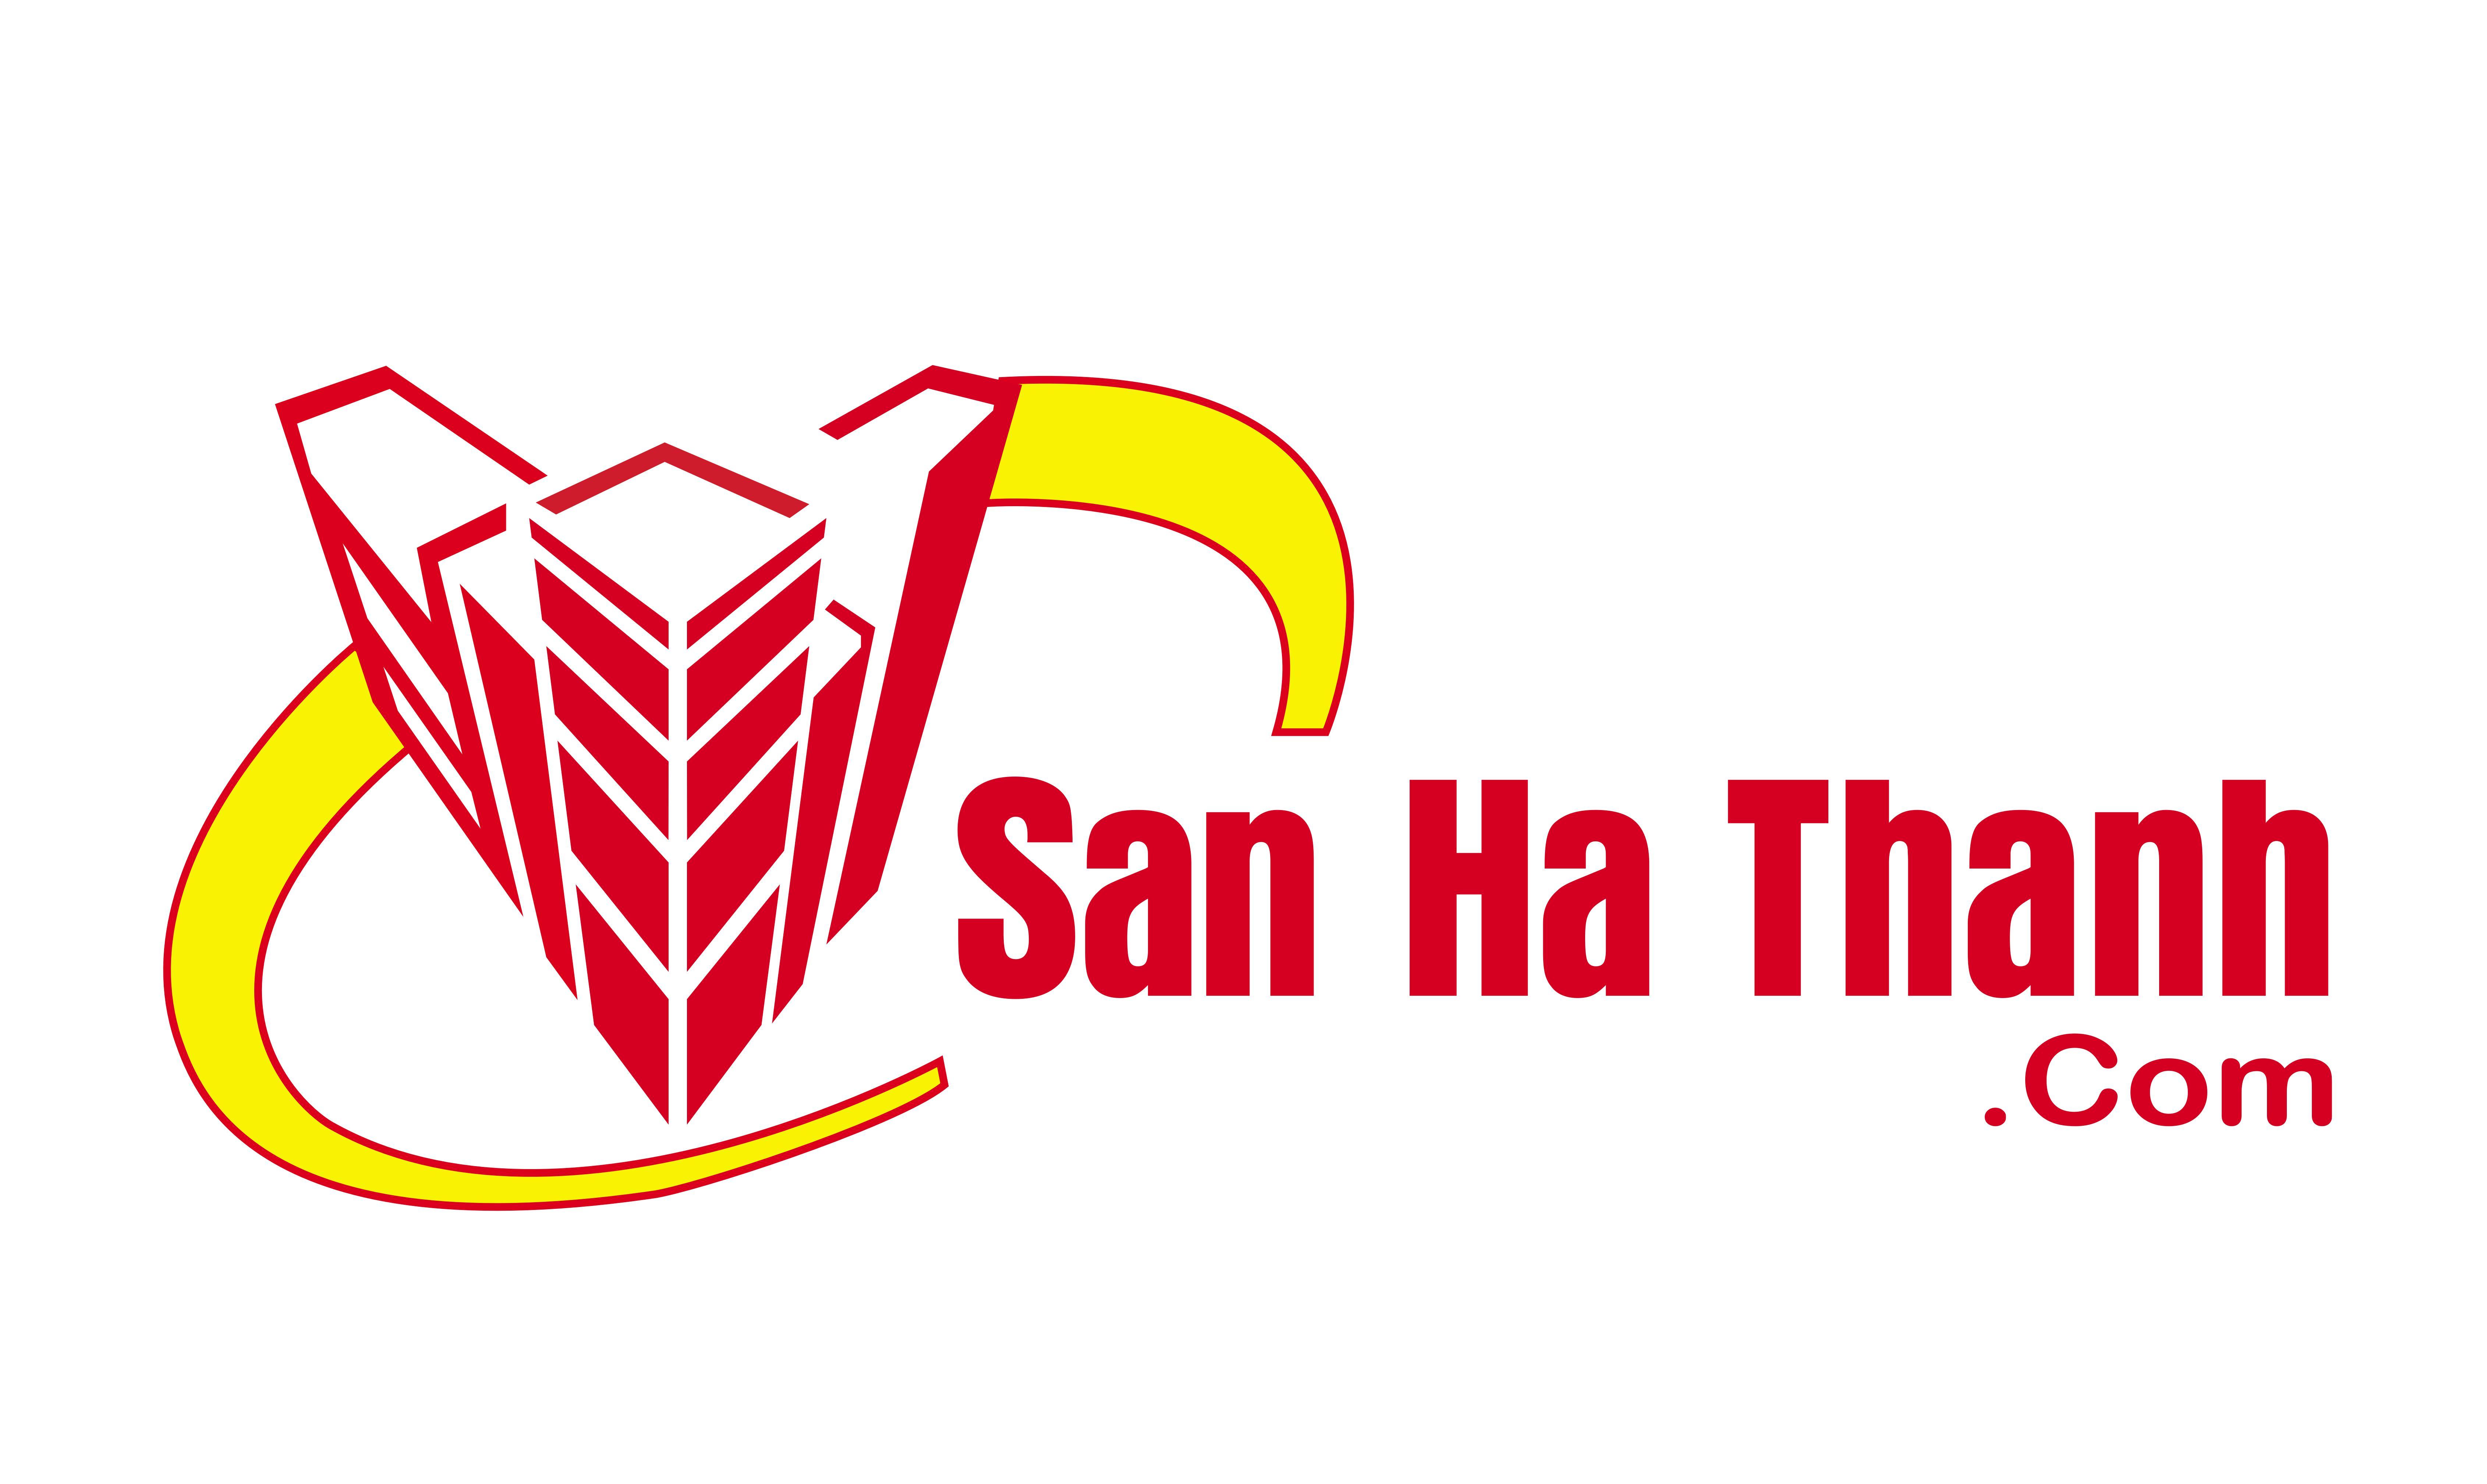 Công ty cổ phần dịch vụ quản lý bất động sản Hà Thành